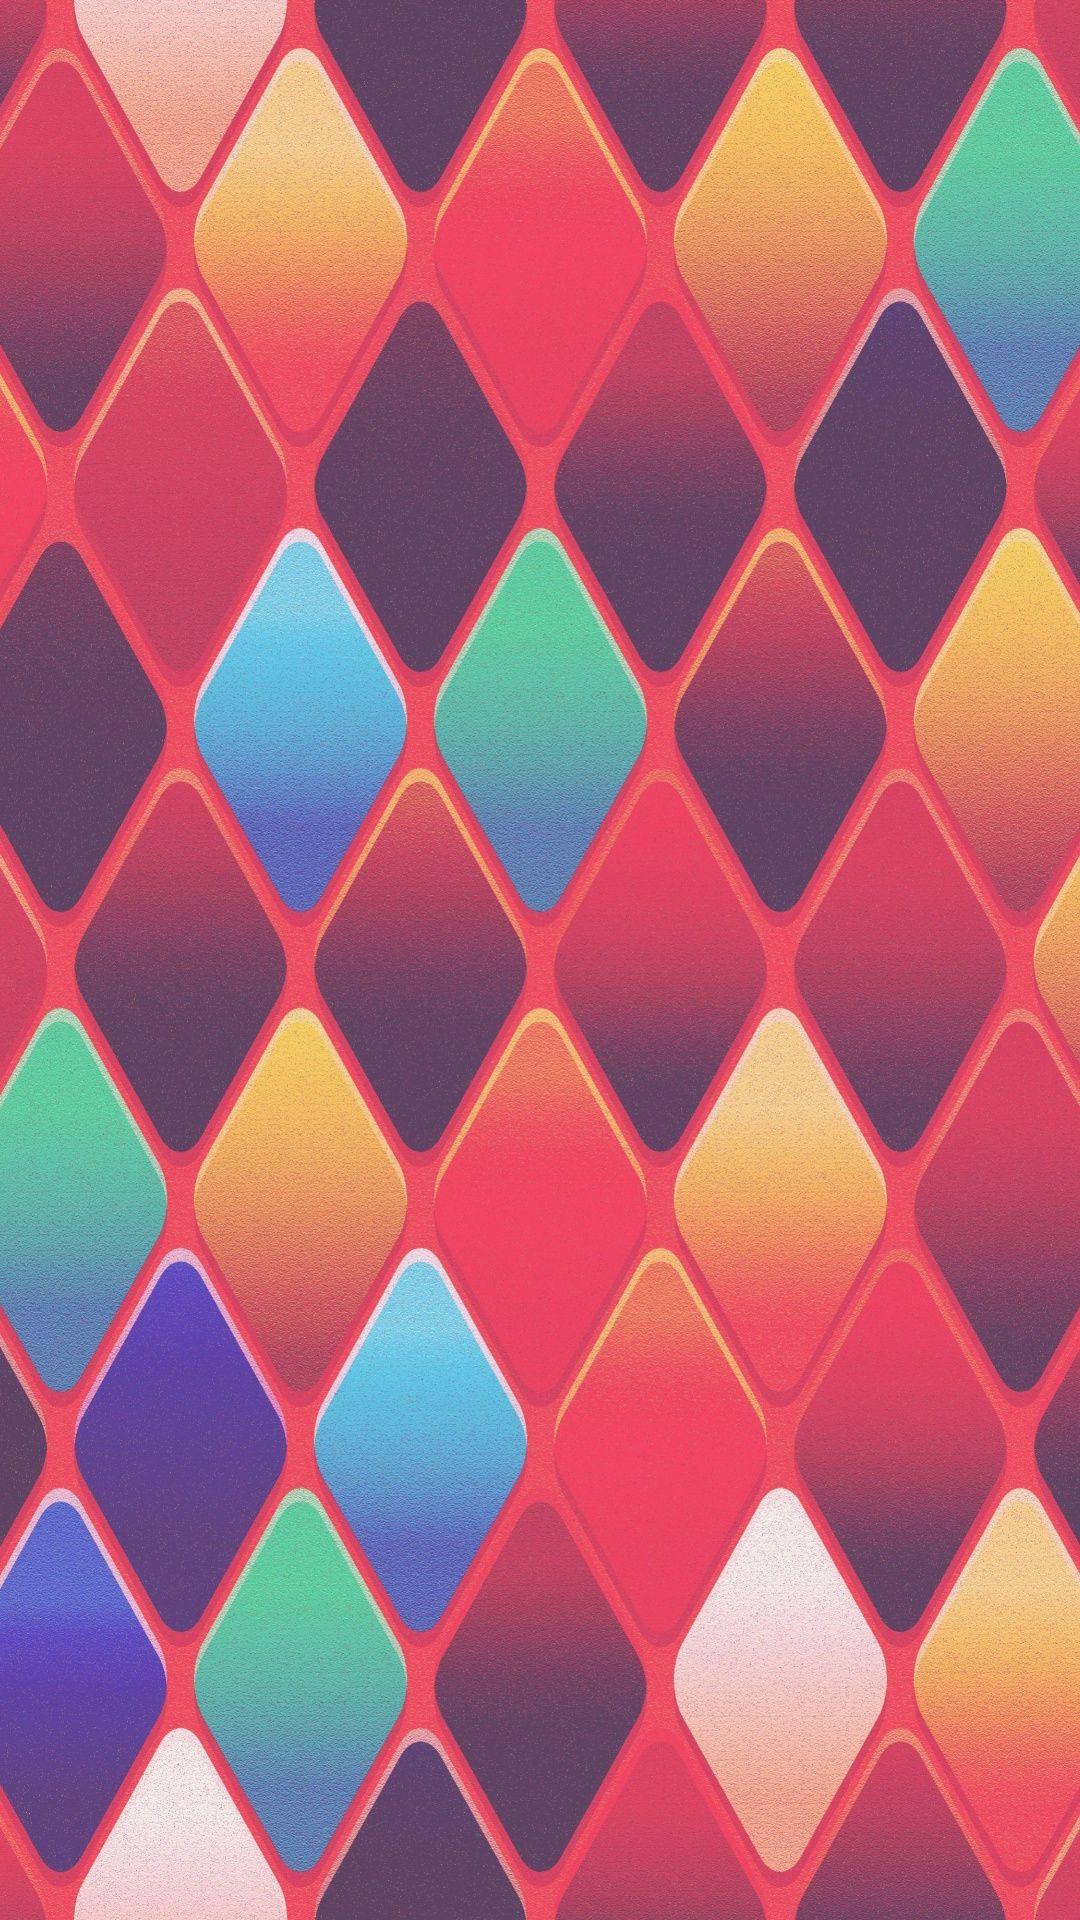 Abstract Tiles Diamond Shape Pattern Texture 1080x1920 Wallpaper Pattern Wallpaper Abstract Wallpaper